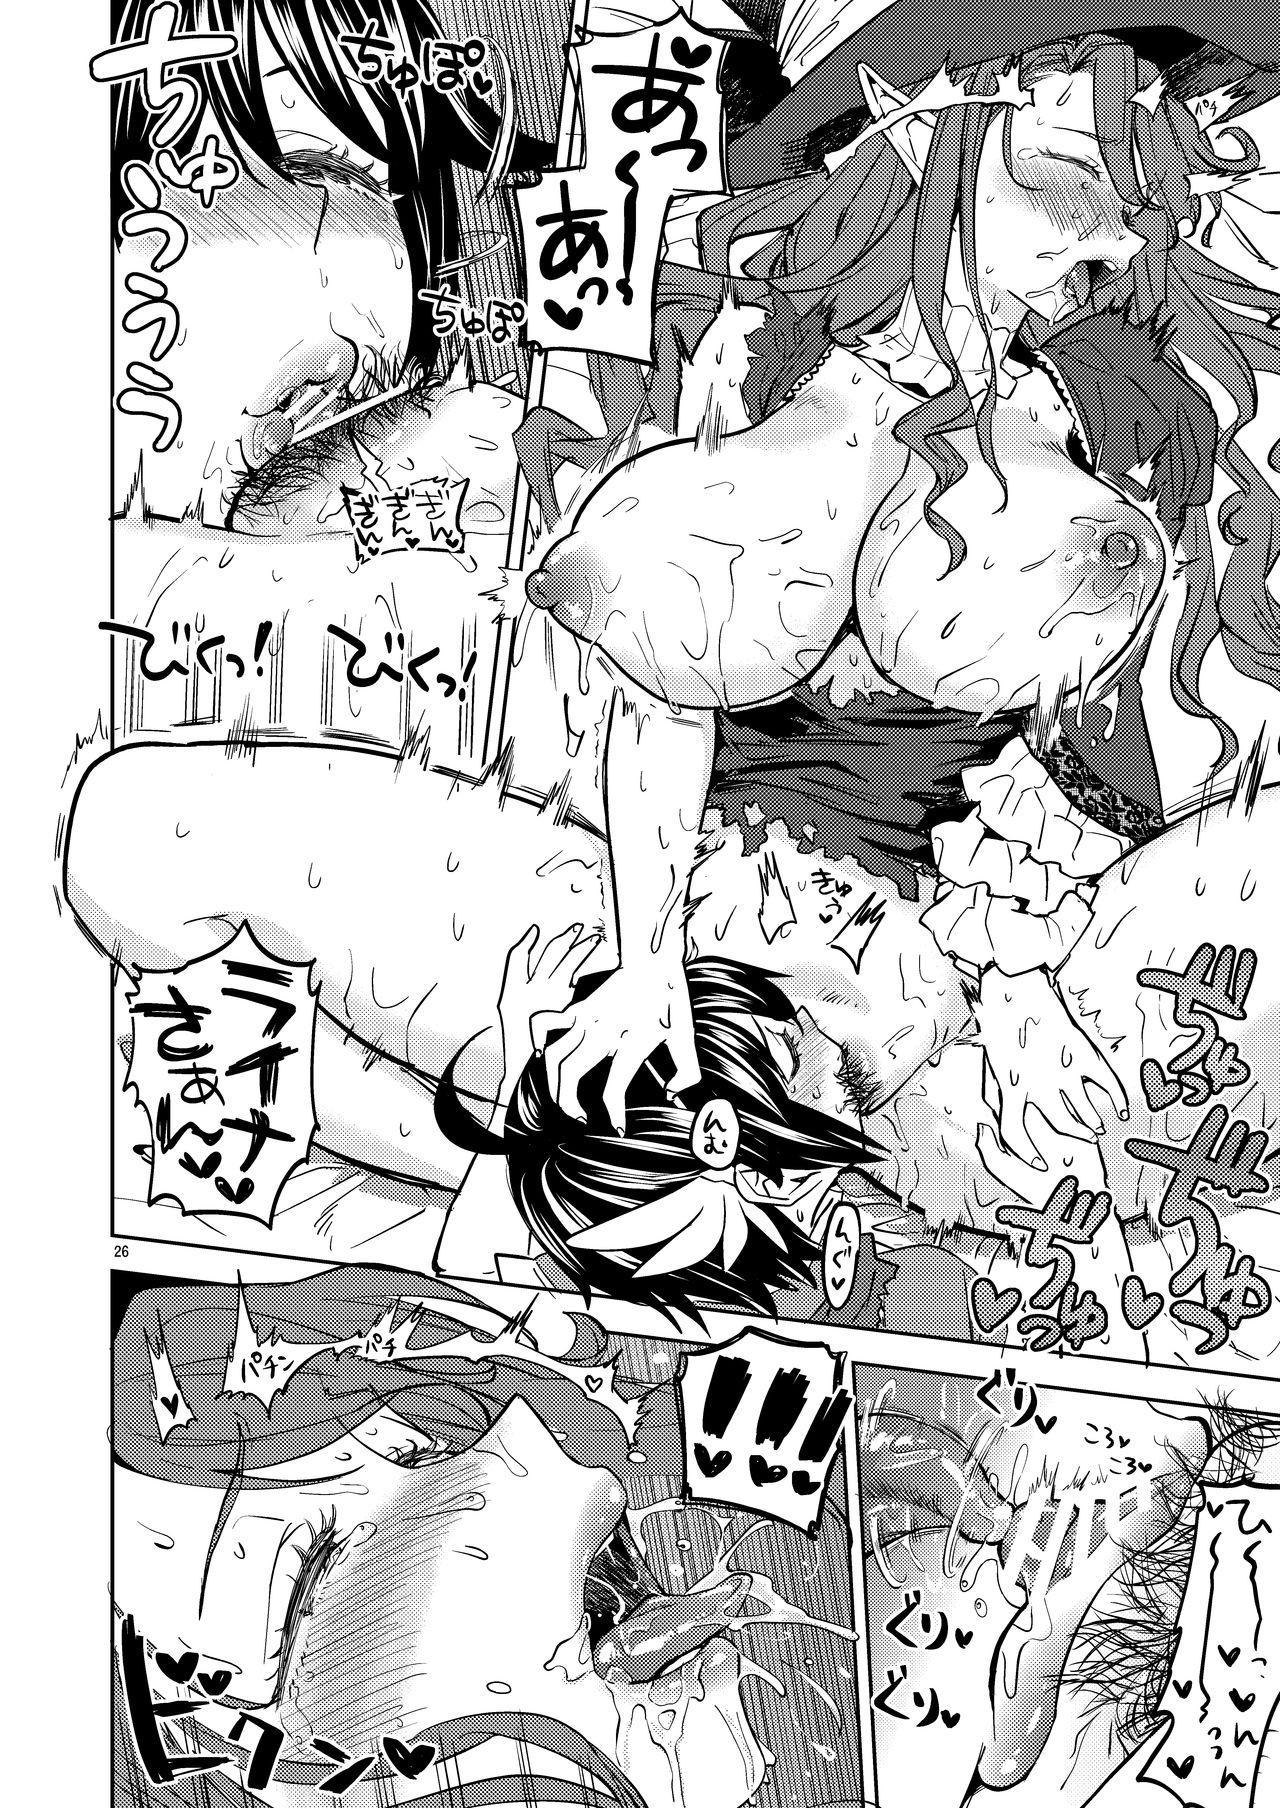 Onna Yuusha ni Tensei Shitara Mazoku no Tsuma ga 5-nin mo Irurashii 3 | 我轉生成爲女勇者后魔族的妻子居然有5人 3 27